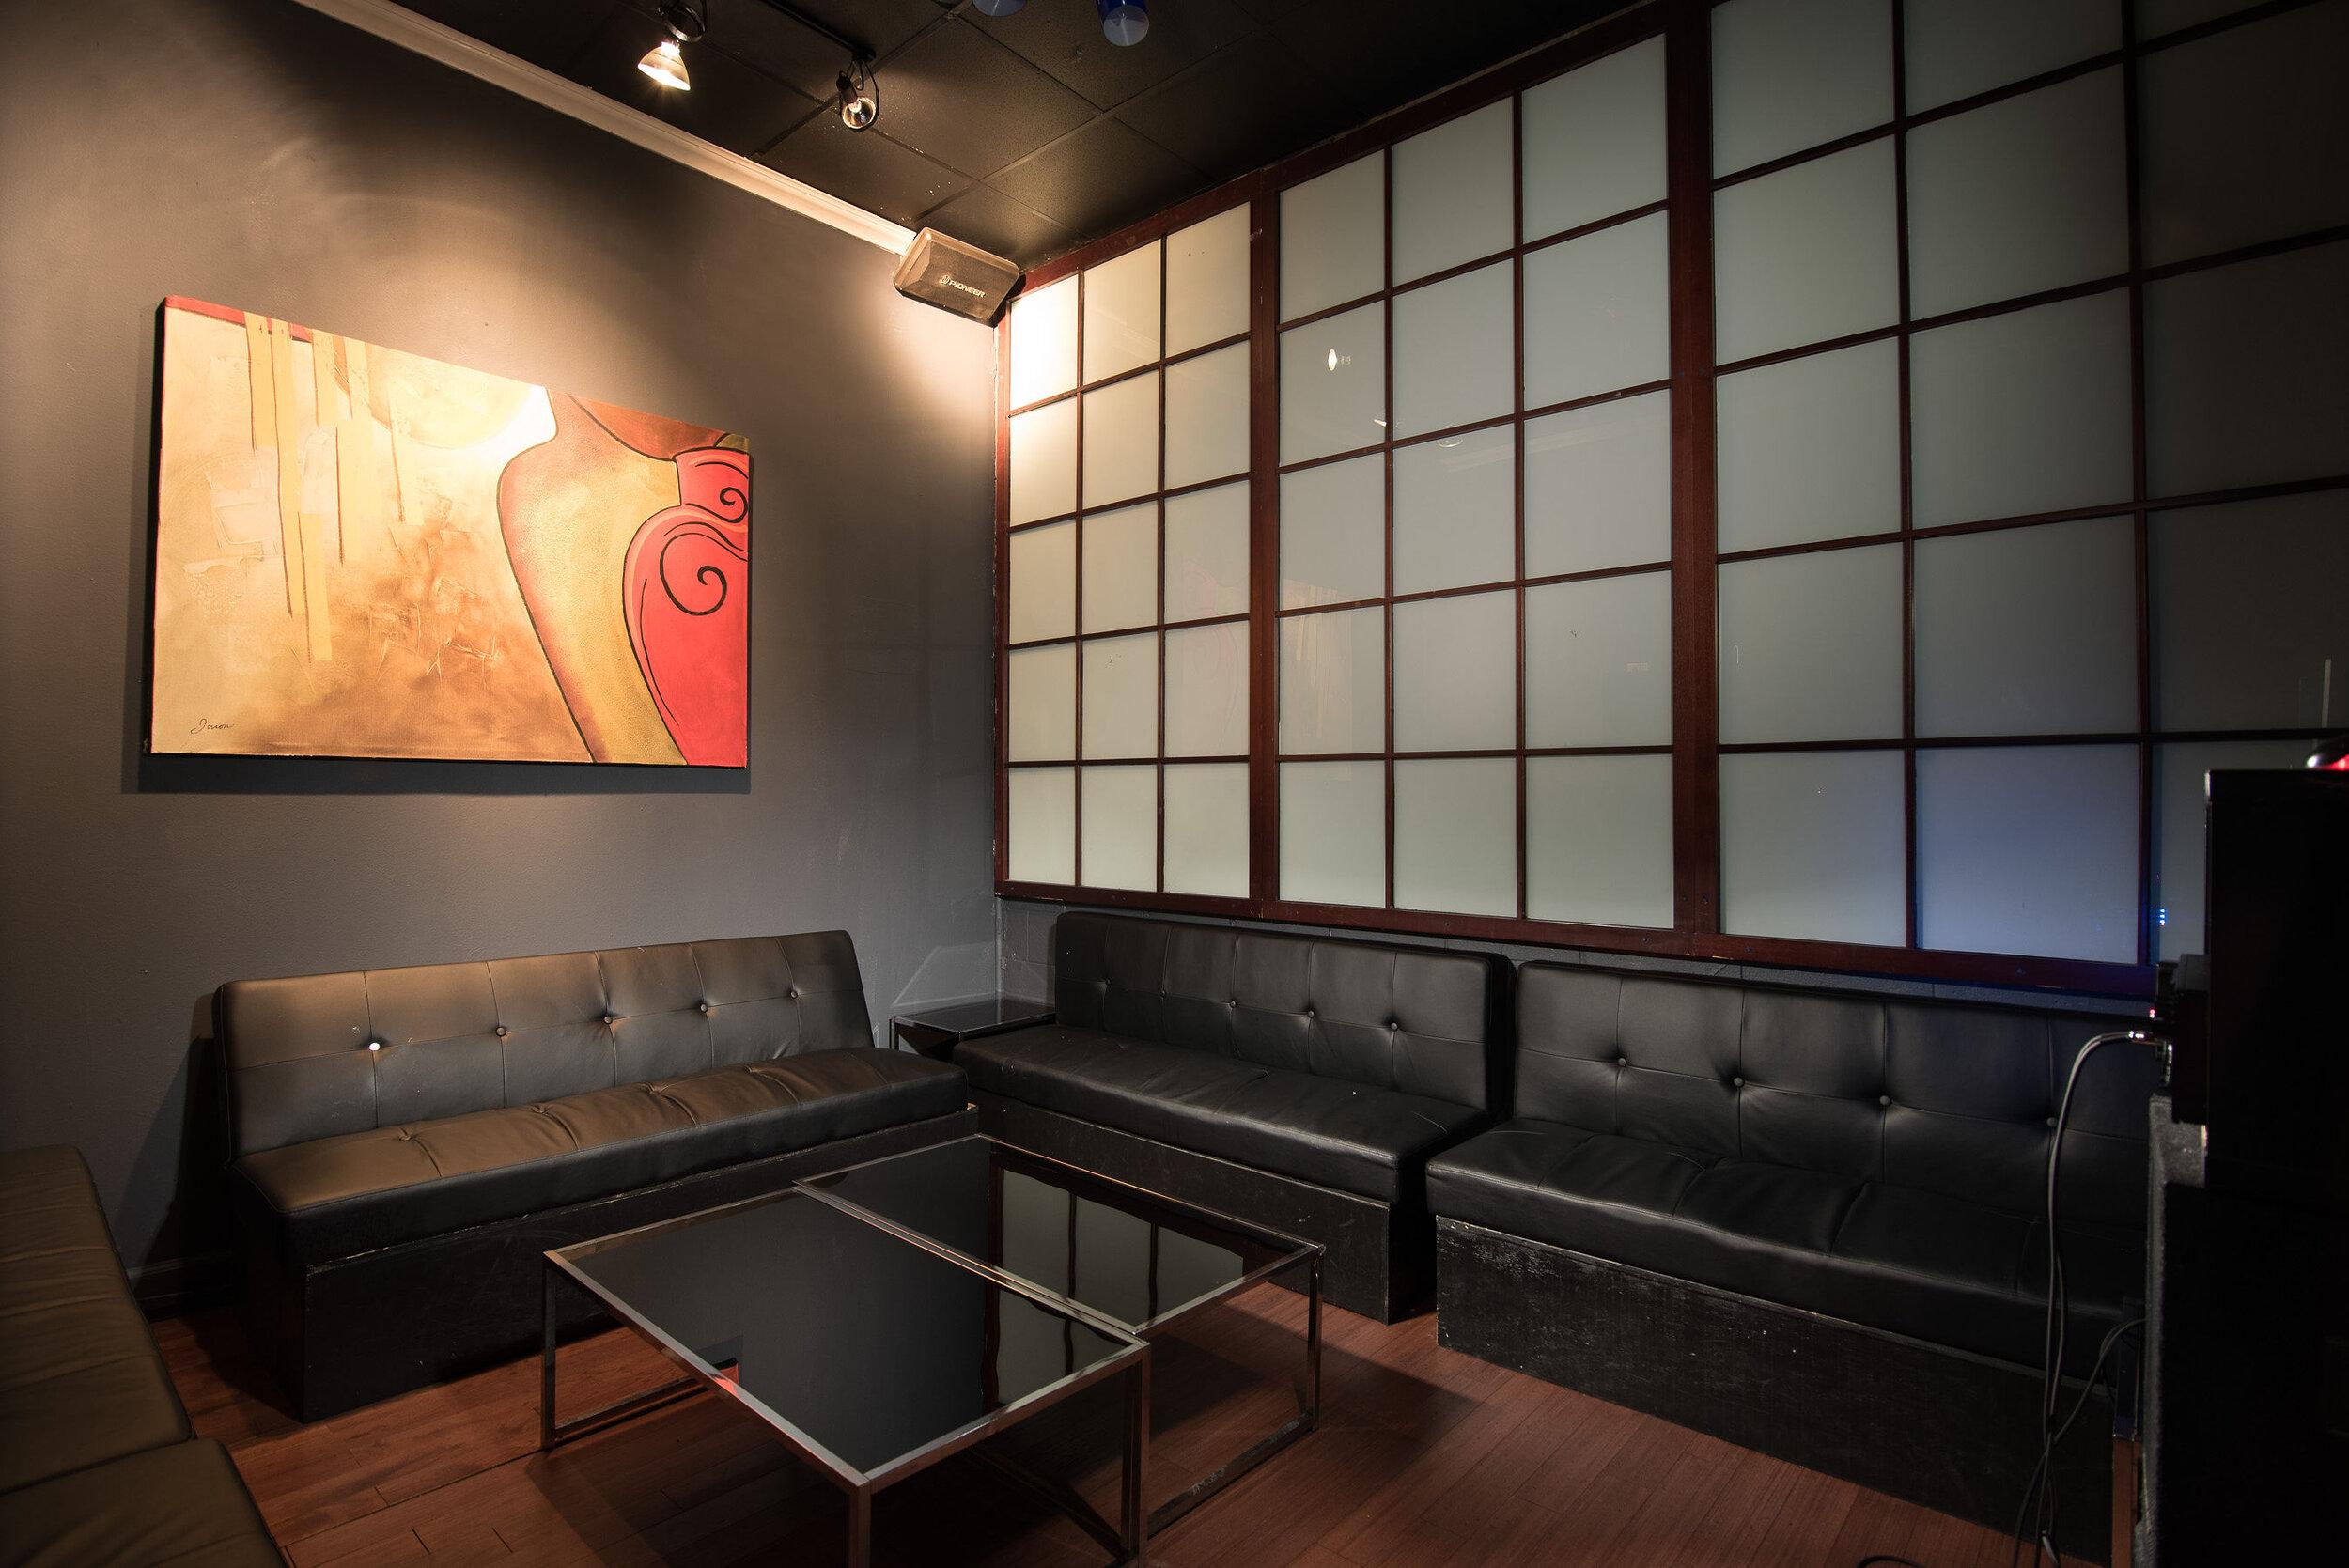 Galleria Room 1